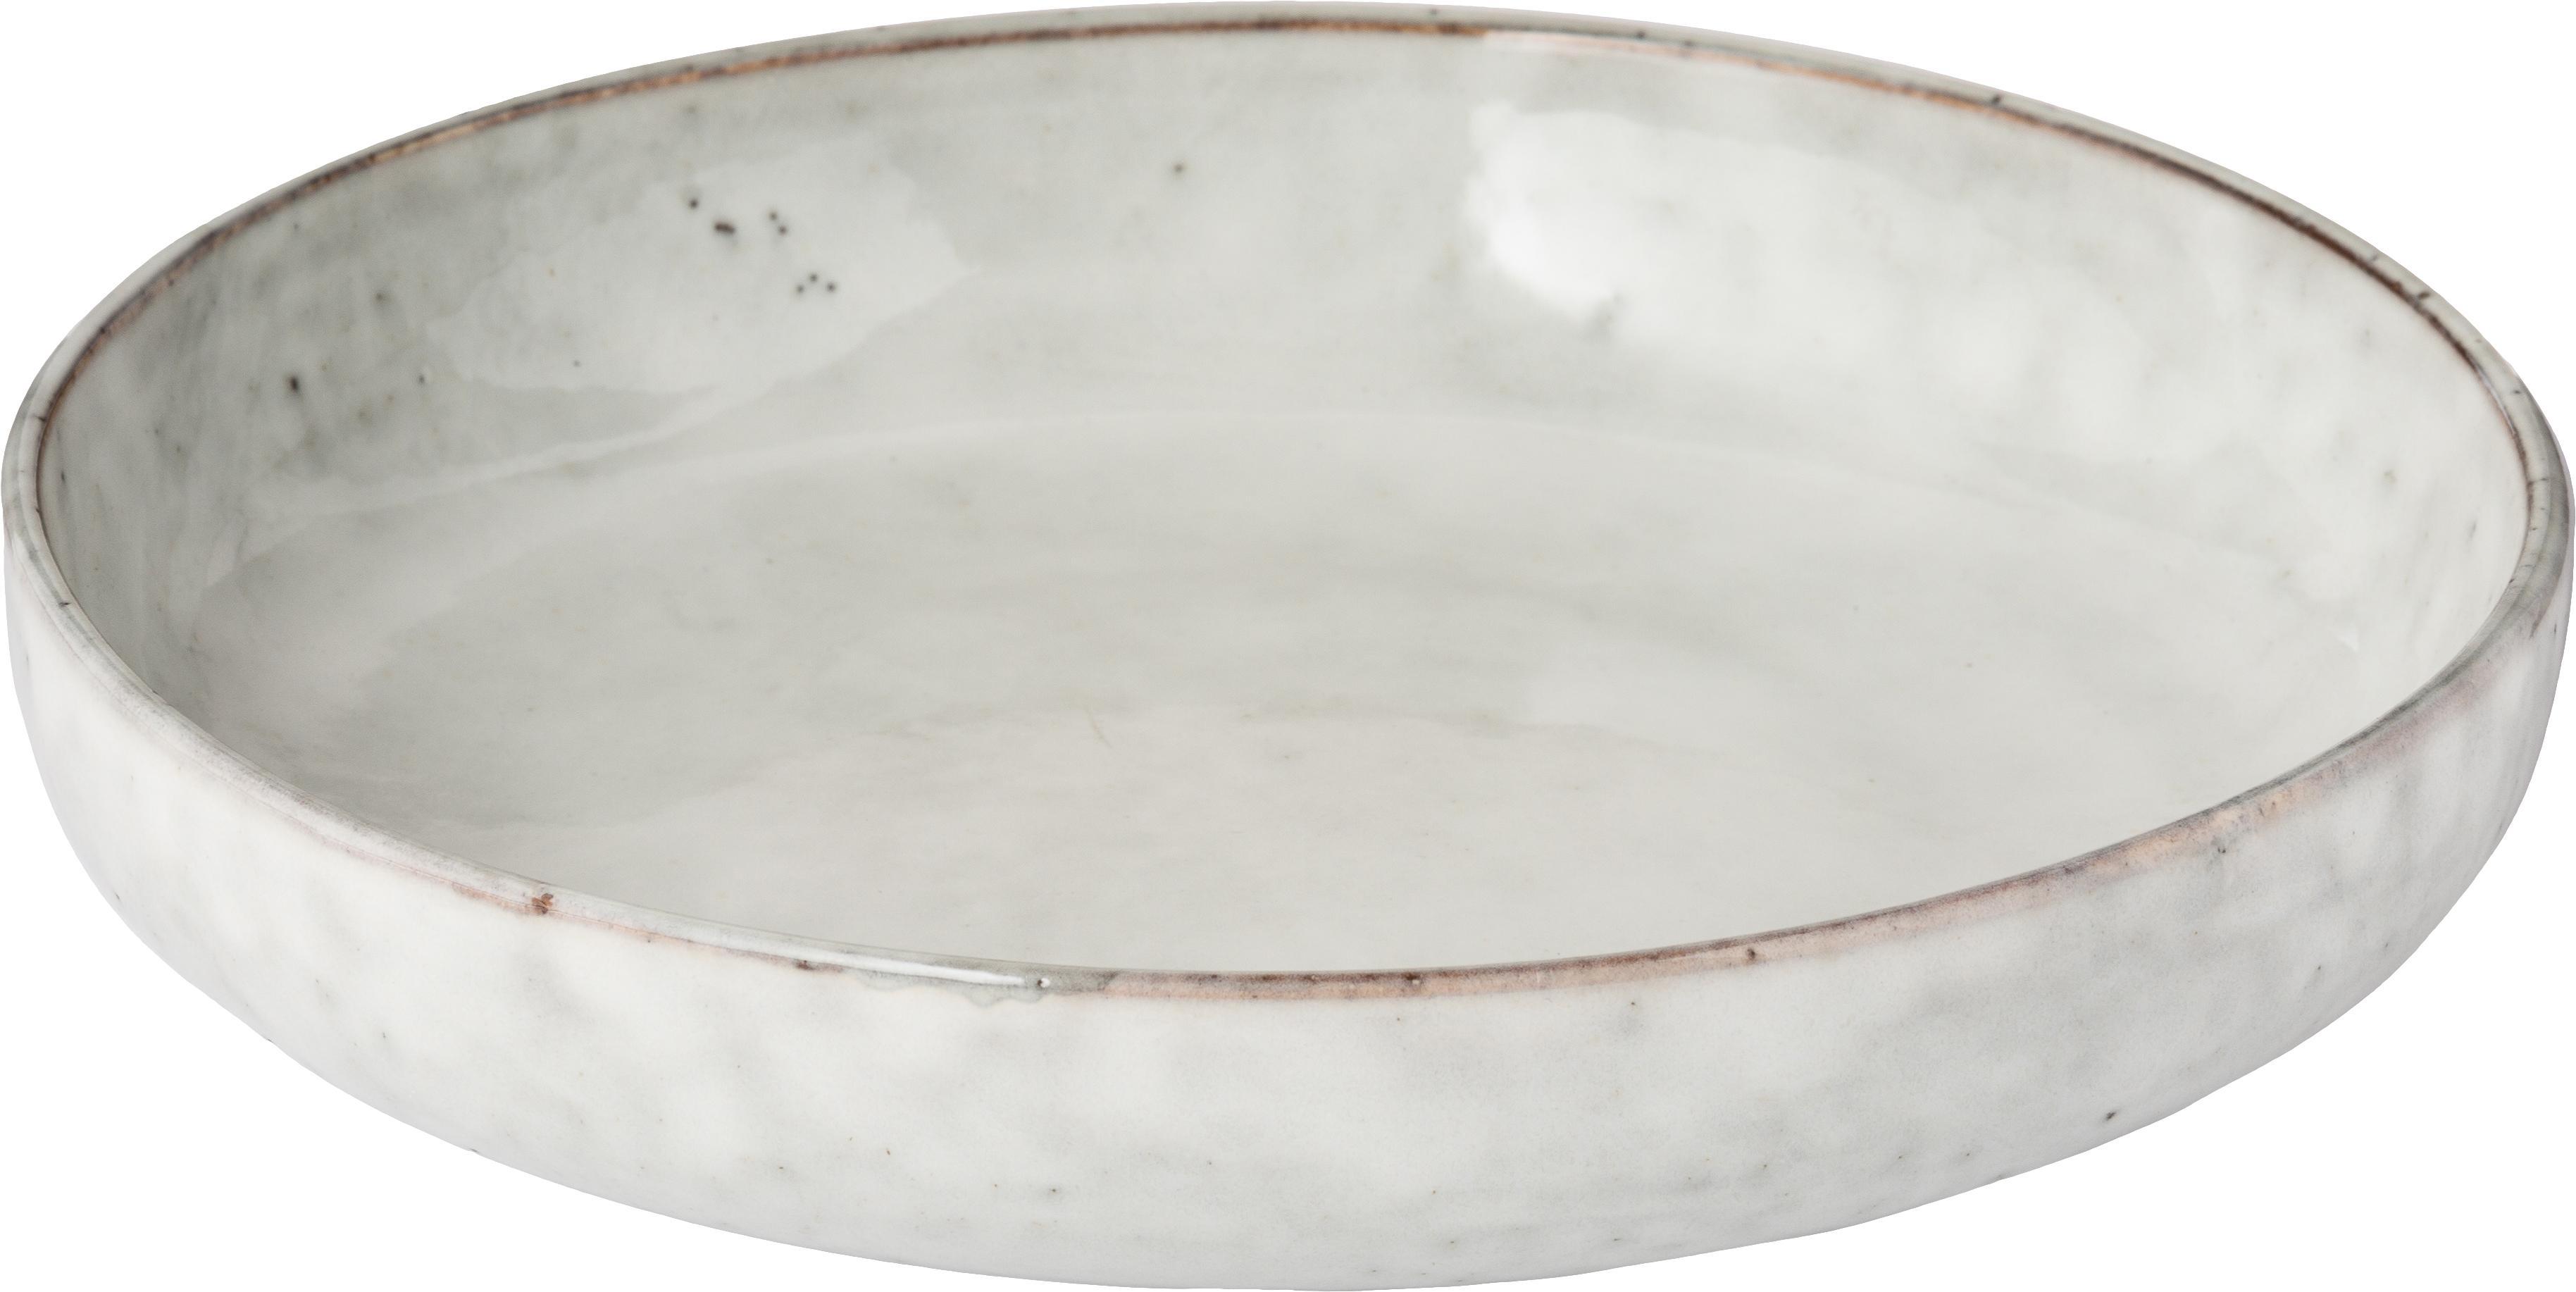 Handgemachte Schalen Nordic Sand aus Steingut, 4 Stück, Steingut, Sandfarben, Ø 22 x H 5 cm